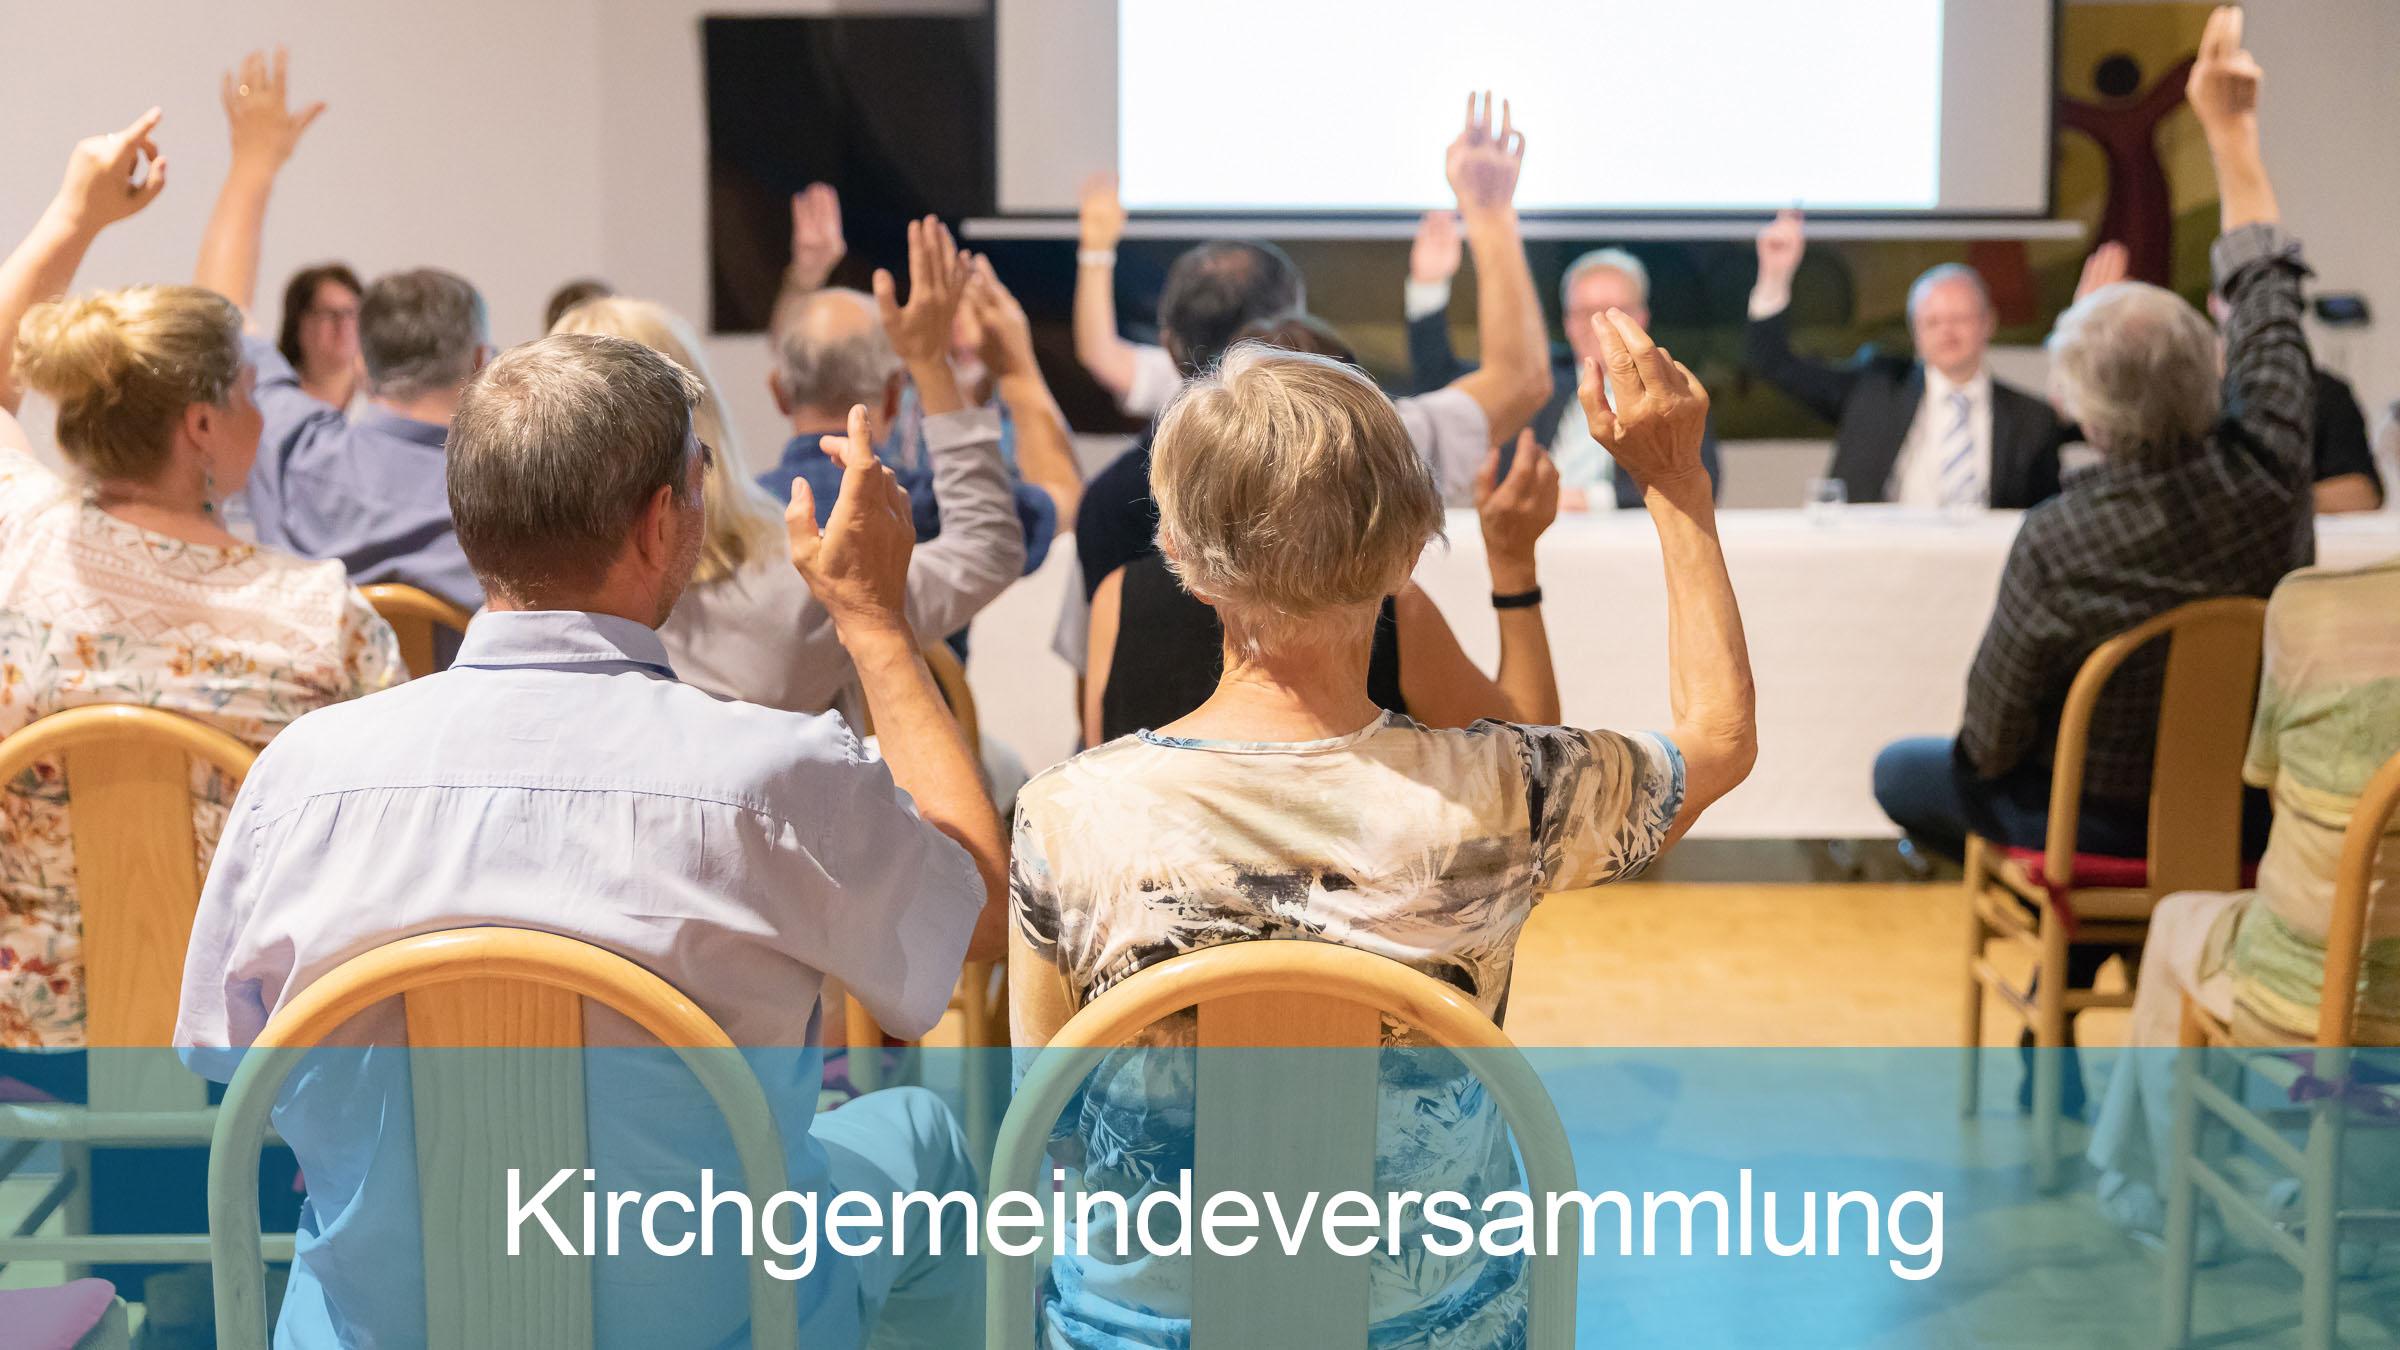 Kirchgemeindeversammlung der Reformierten Kirche Mittleres Fricktal